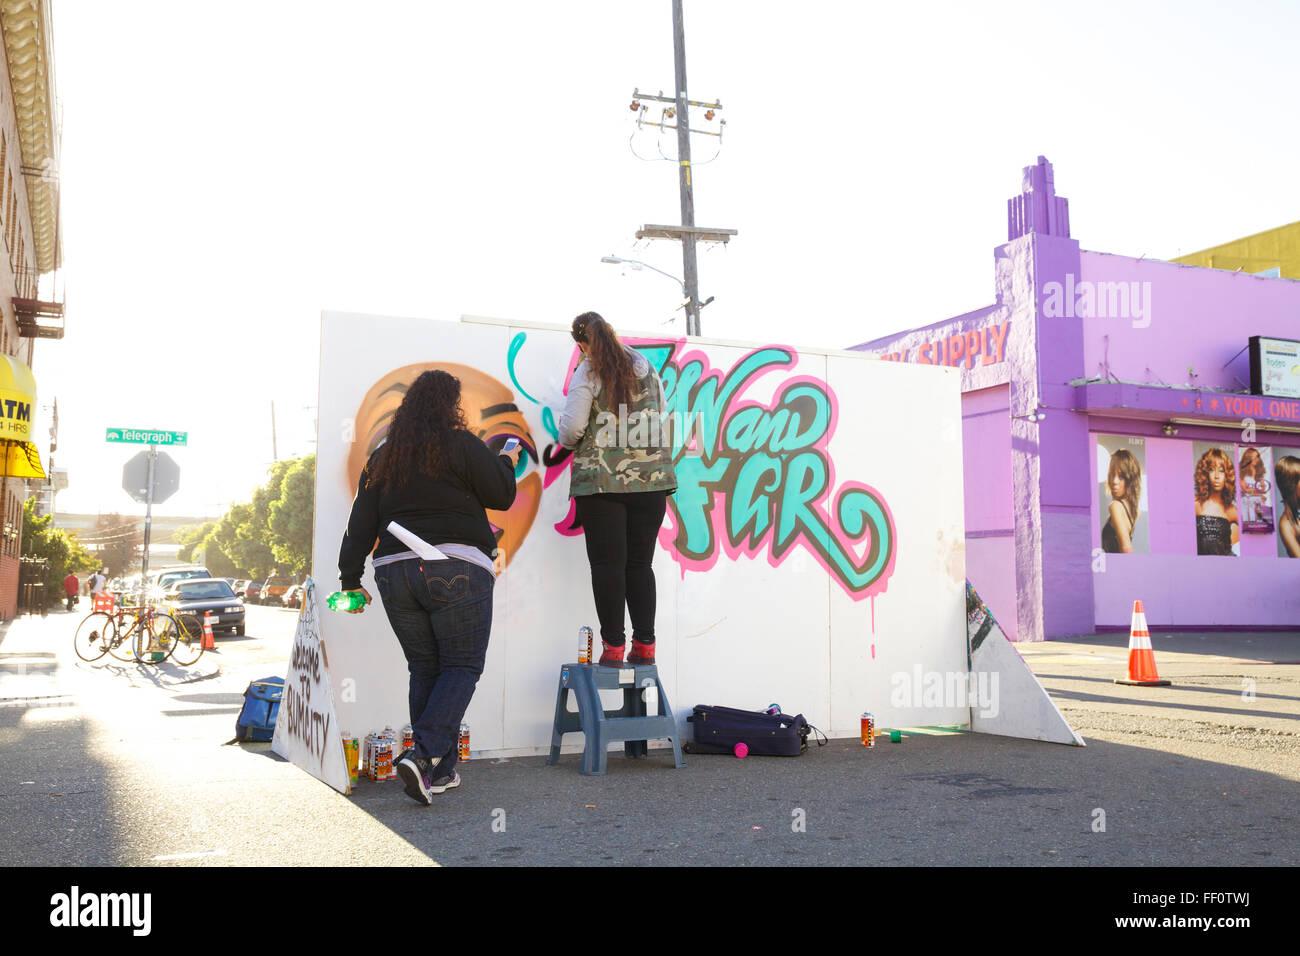 Zwei junge KünstlerInnen Sprühfarbe ein Wandbild auf der Telegraph Avenue in Oakland, Kalifornien. Stockbild